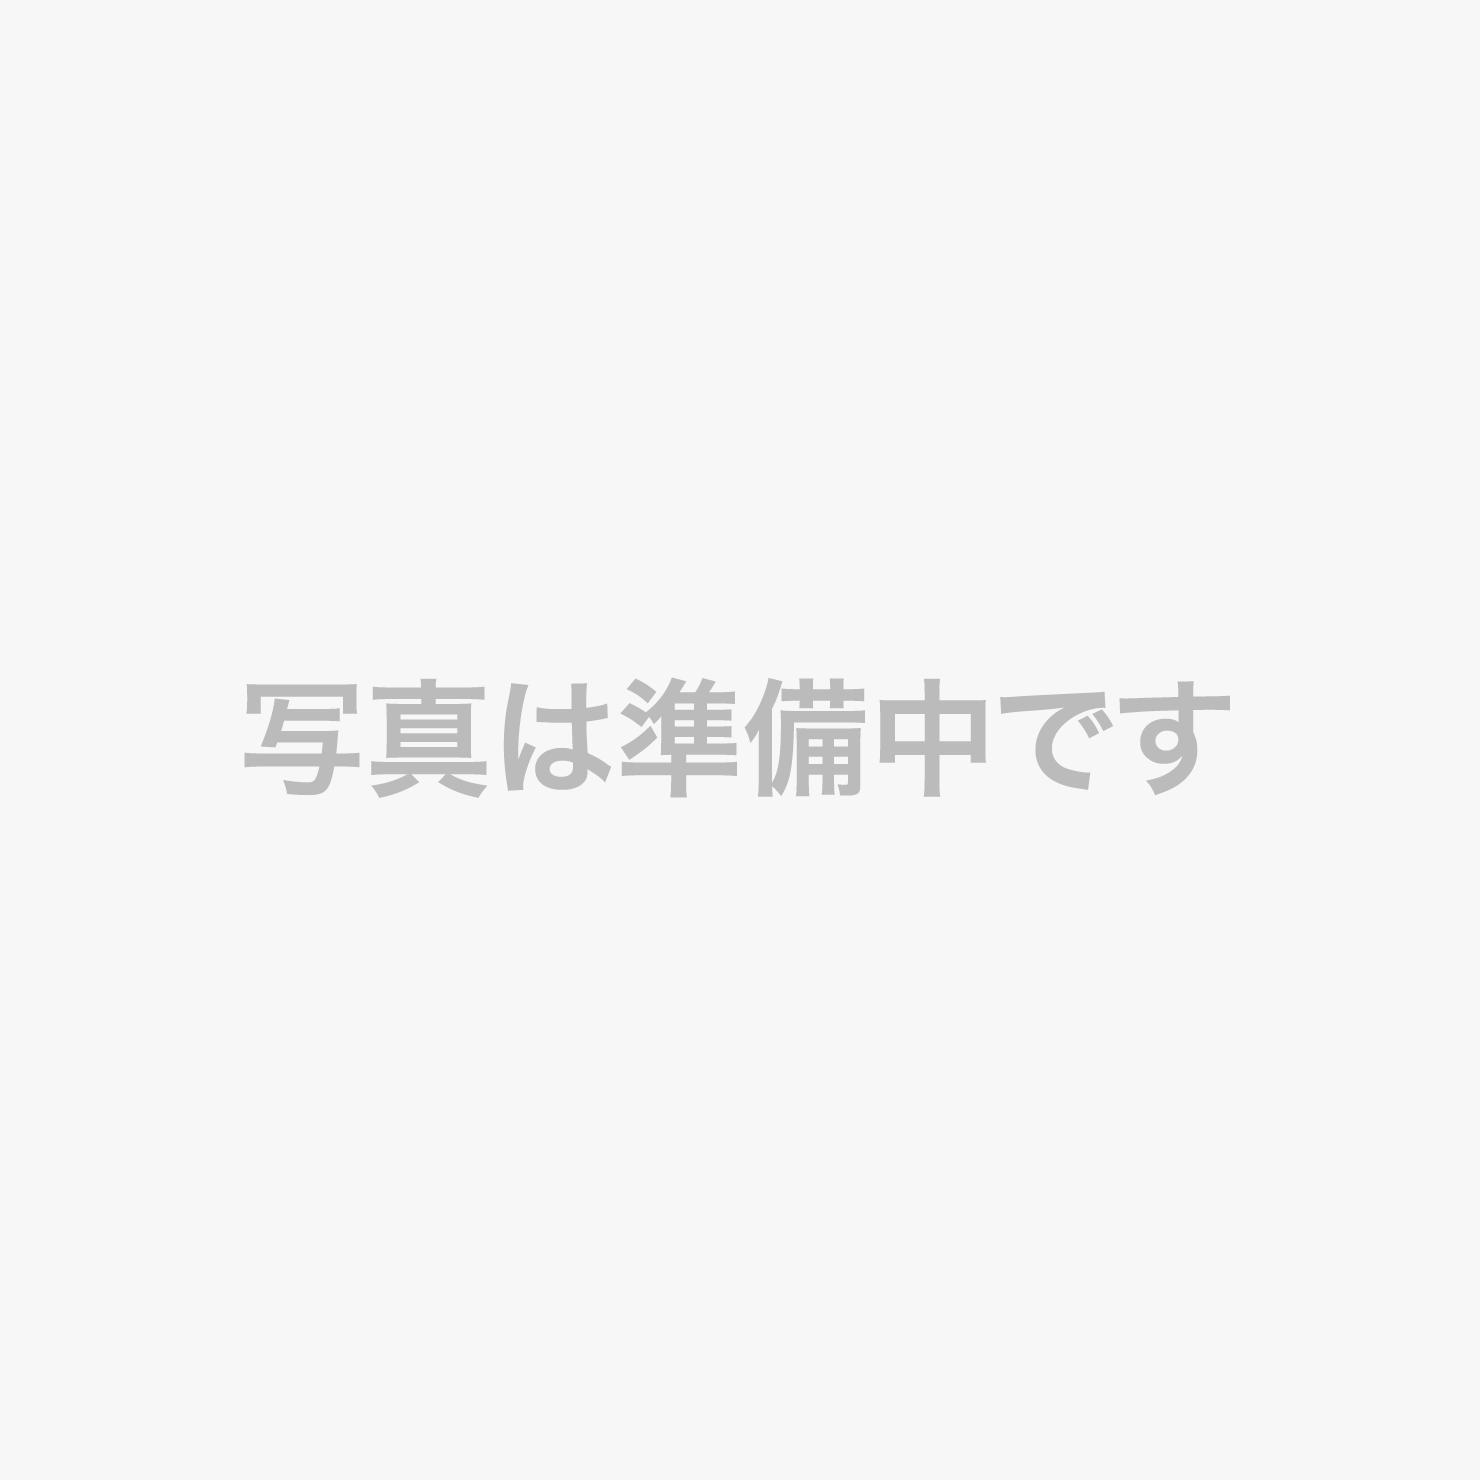 愛媛県の愛あるブランド『愛鯛』の旨みを余すとこなくお楽しみいただける愛鯛会席になります。※こちらのお食事はレストランでの食事になります。